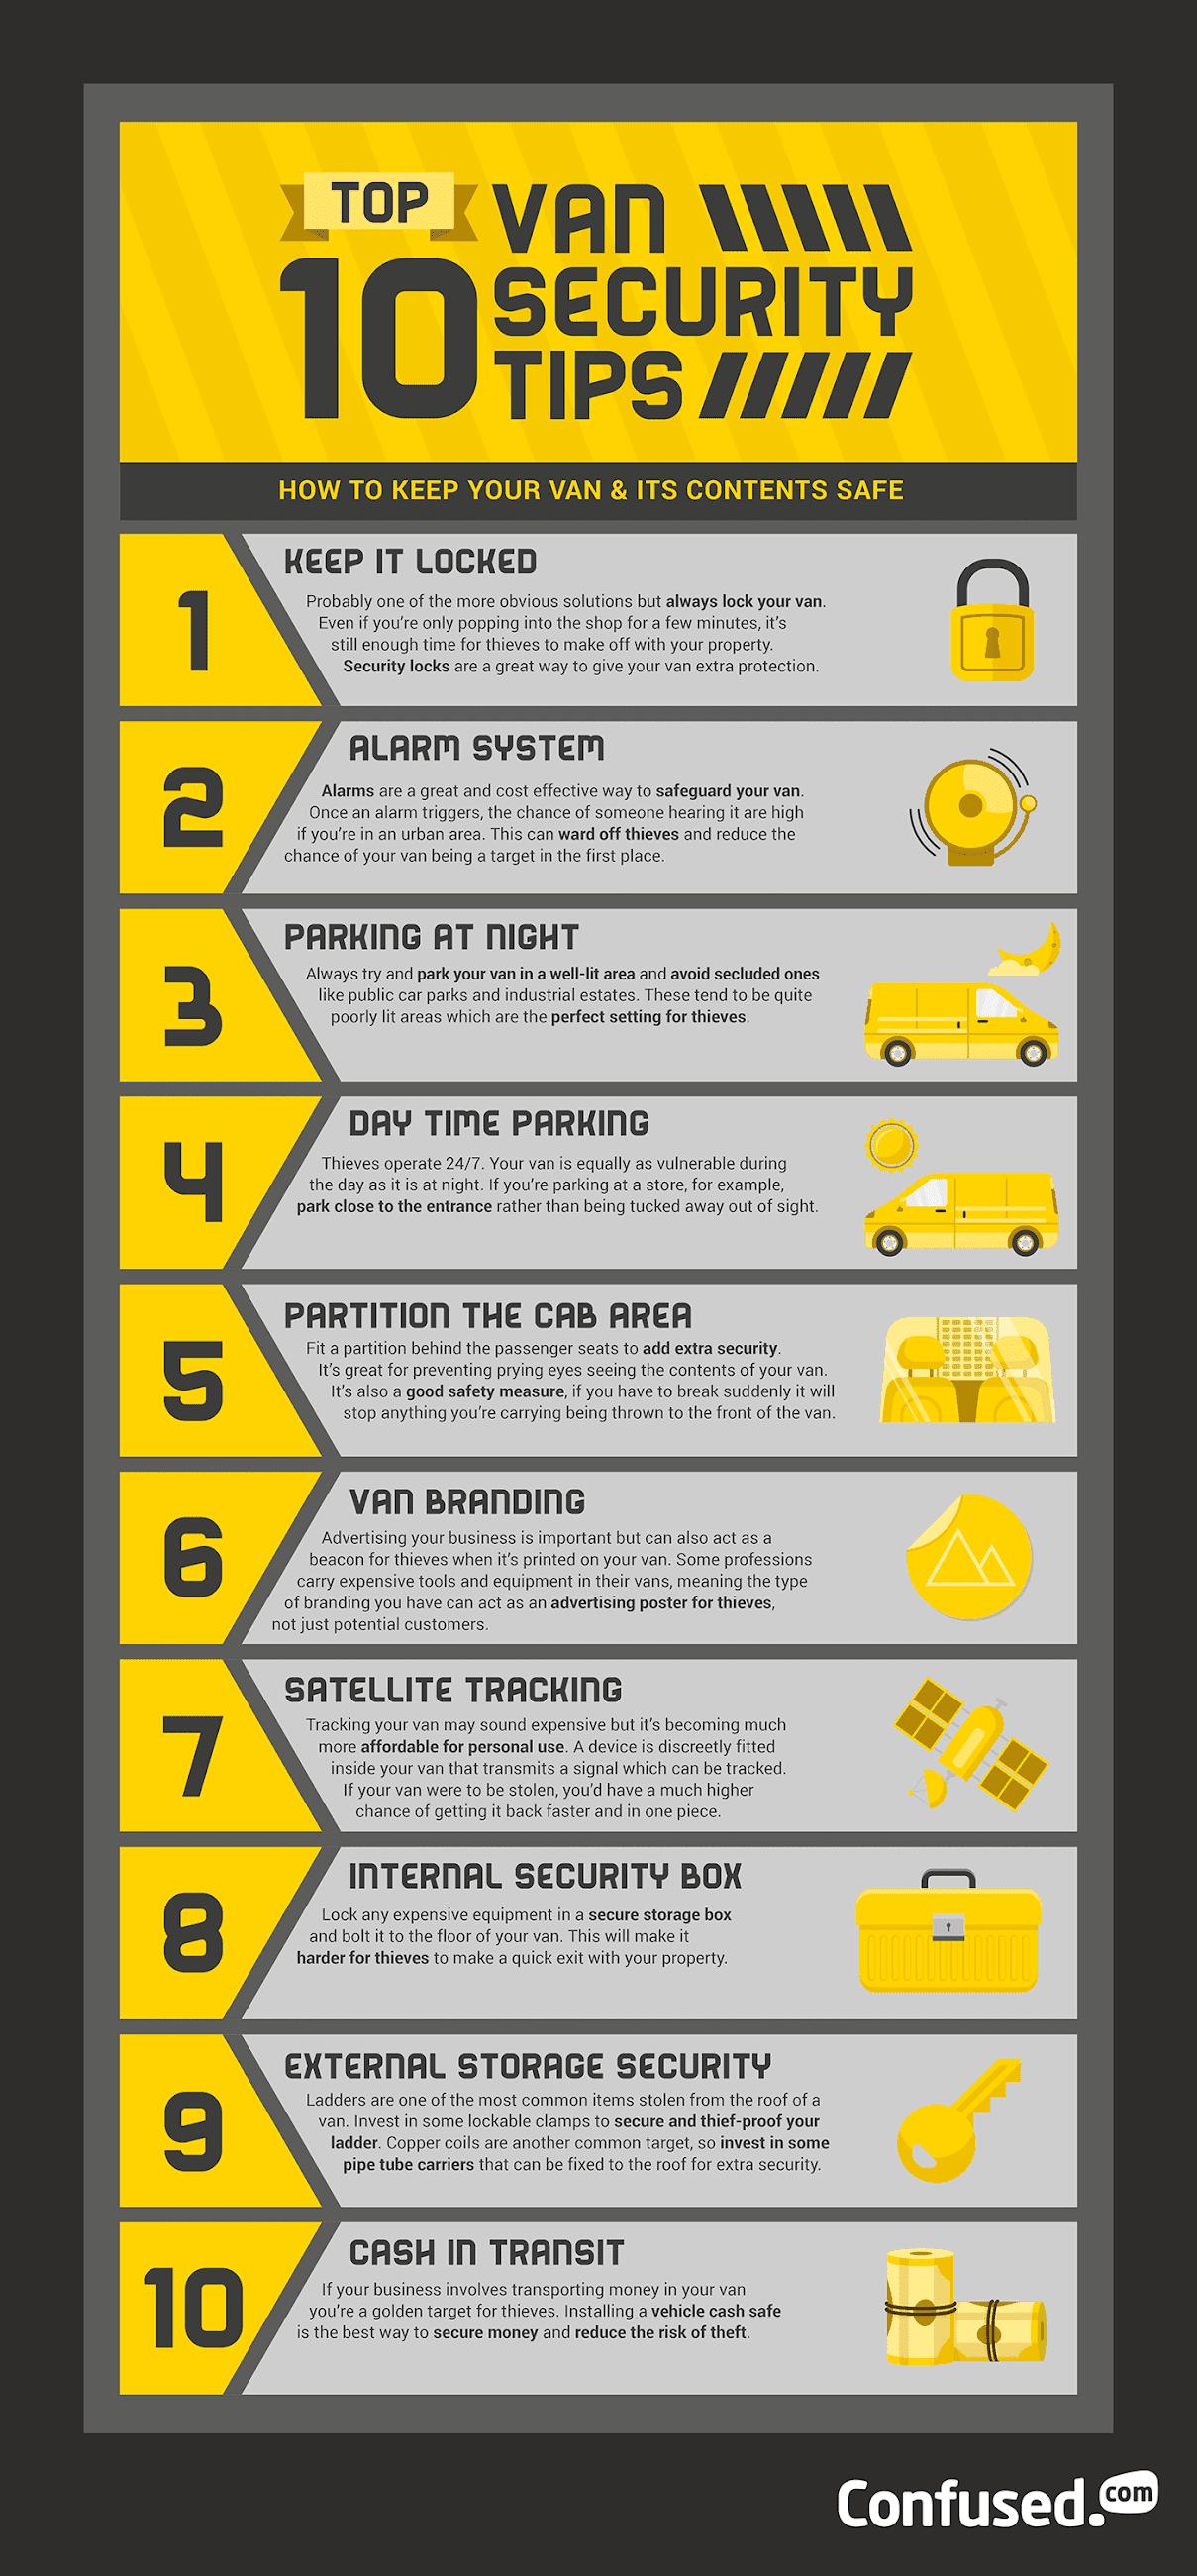 Top 10 Van security tips #infographic #Van security #Security tips #Security #Transportation